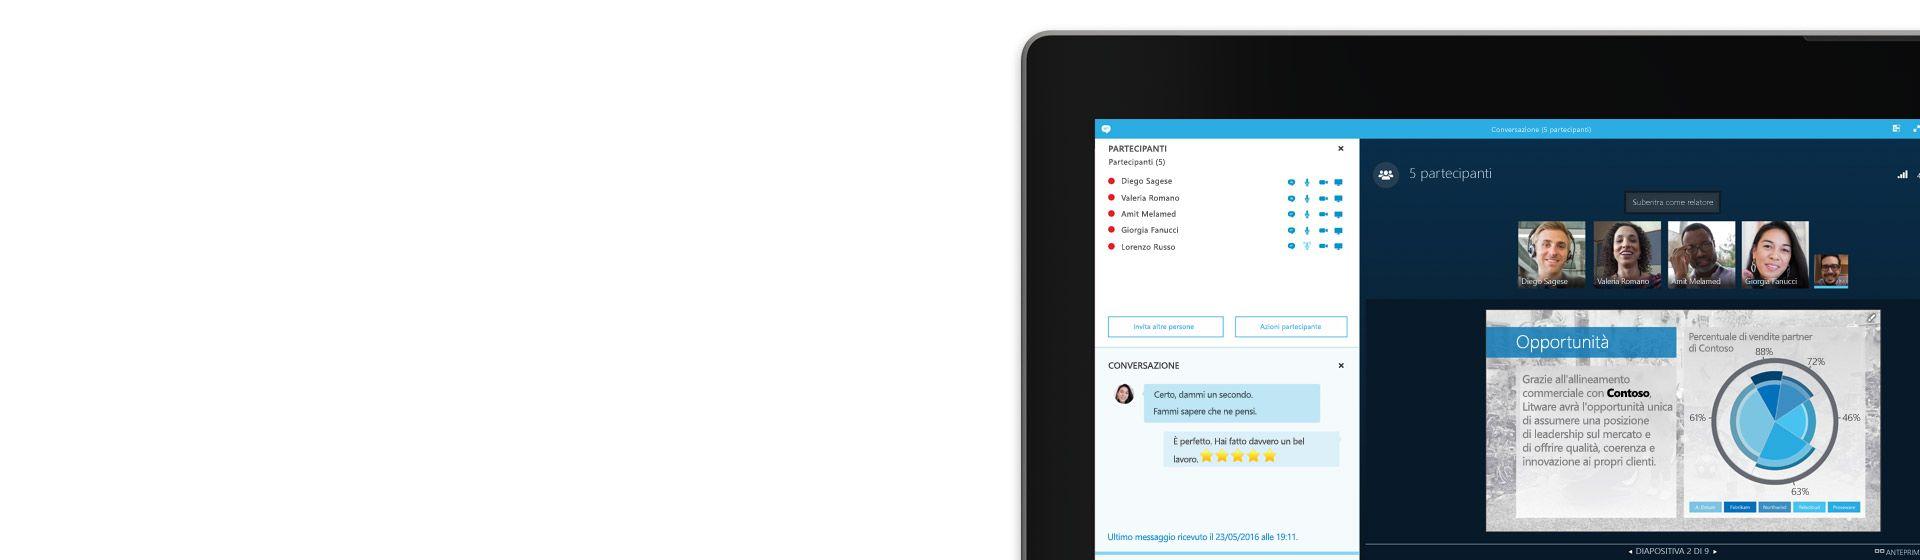 Angolo dello schermo di un portatile che visualizza una riunione di Skype for Business in corso con un elenco di partecipanti